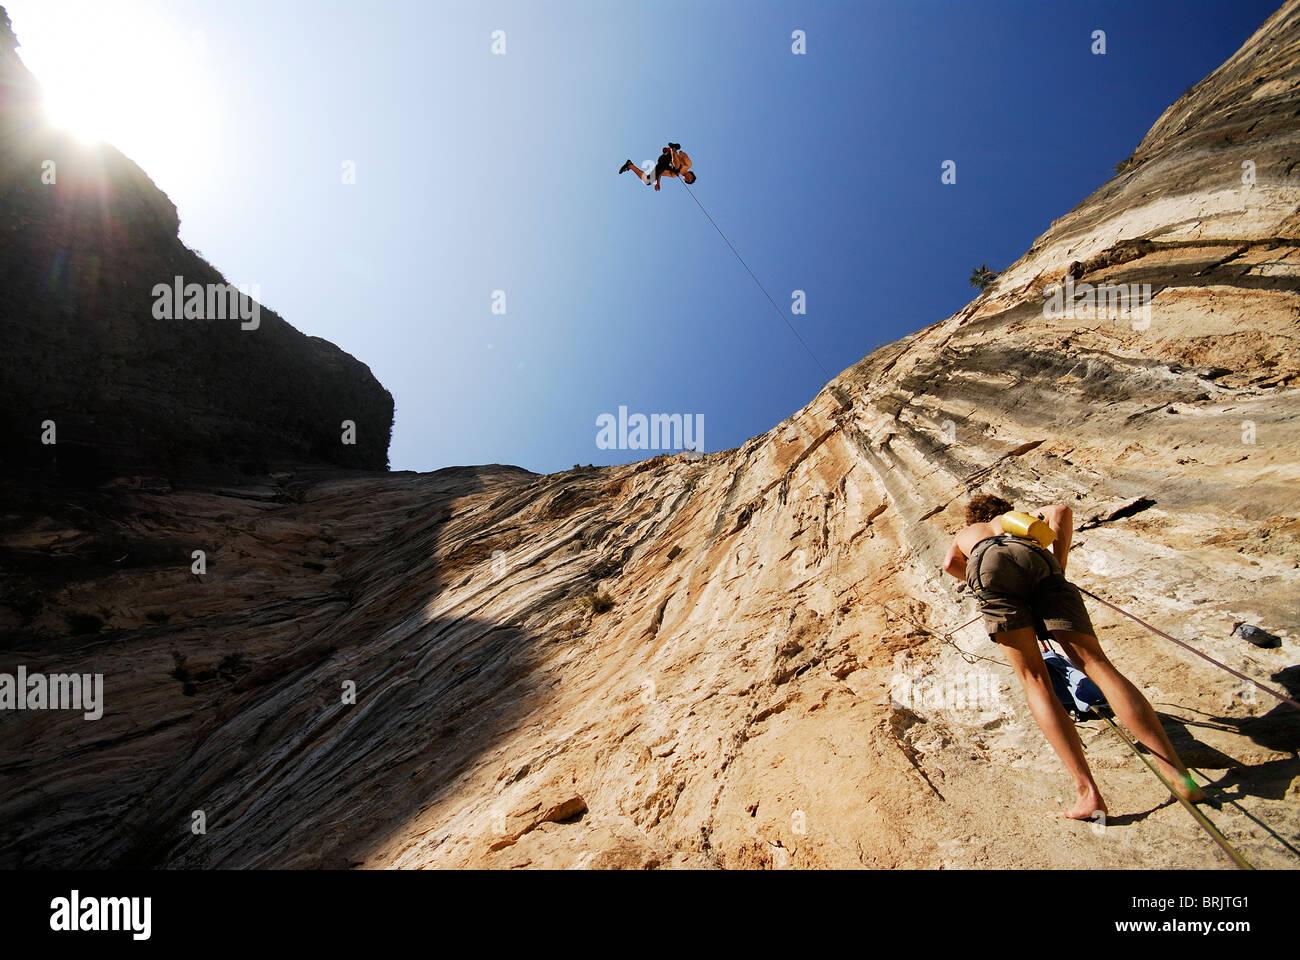 Un grimpeur hors pousse en l'air tandis que la descente en rappel au-dessus d'un autre grimpeur. Banque D'Images